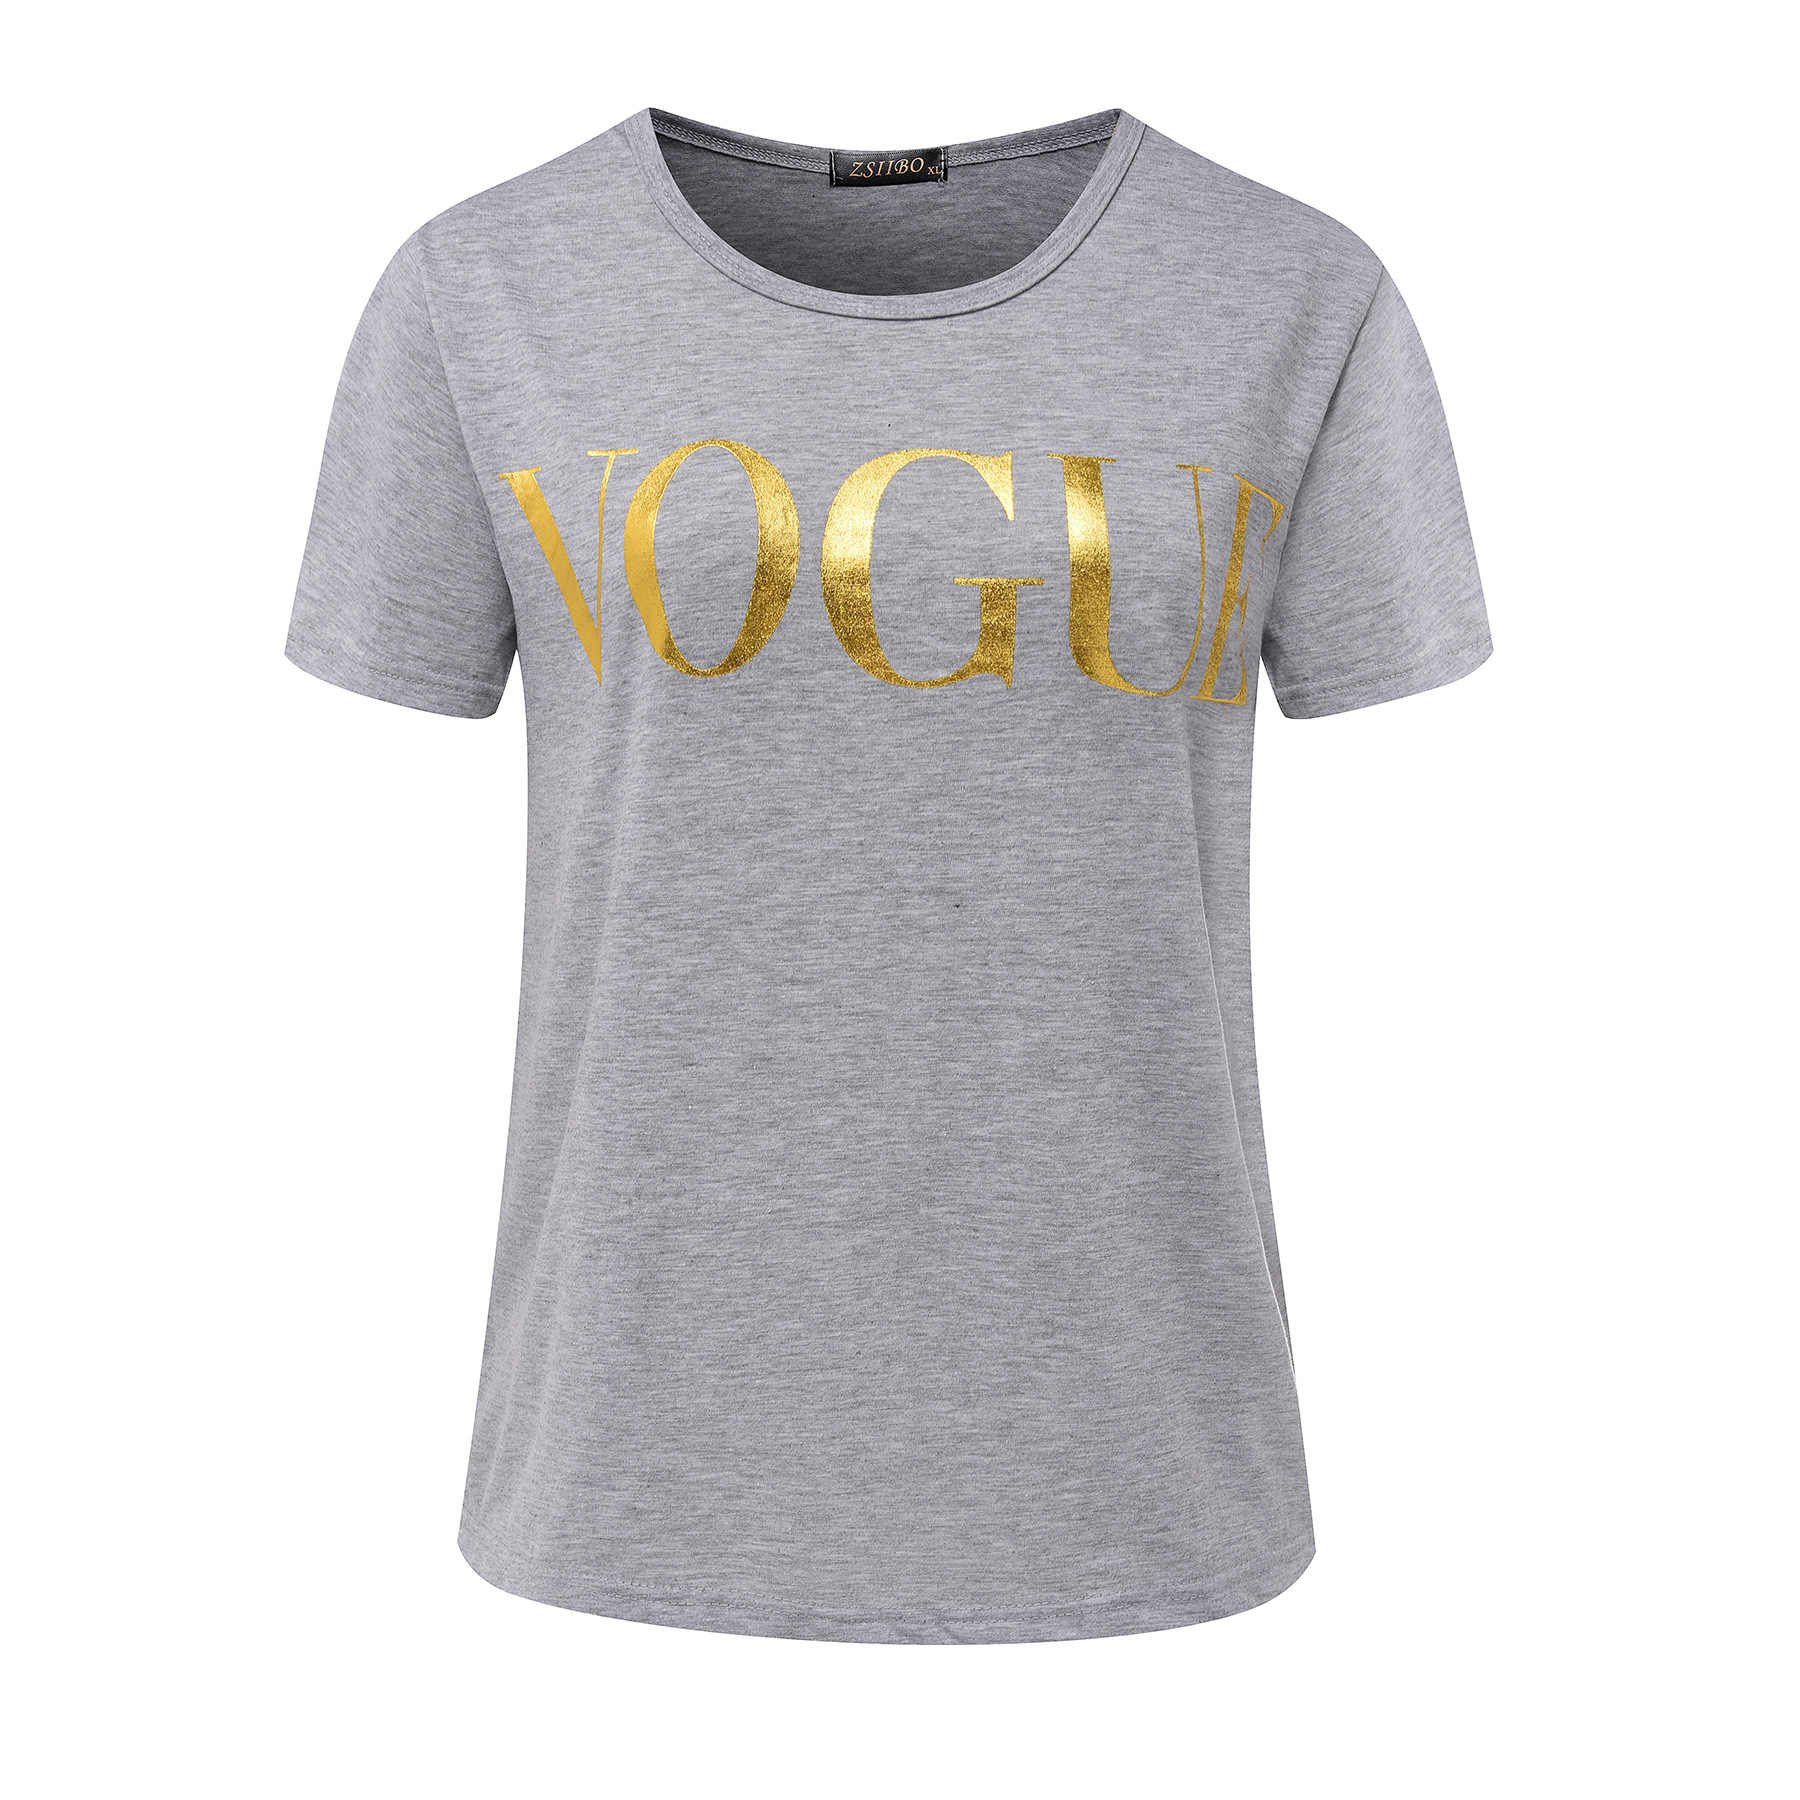 Женская футболка, Новое поступление 2019, модная женская футболка с буквенным принтом, с коротким рукавом, летняя стильная футболка, женская футболка, vestidos, дешево, T012